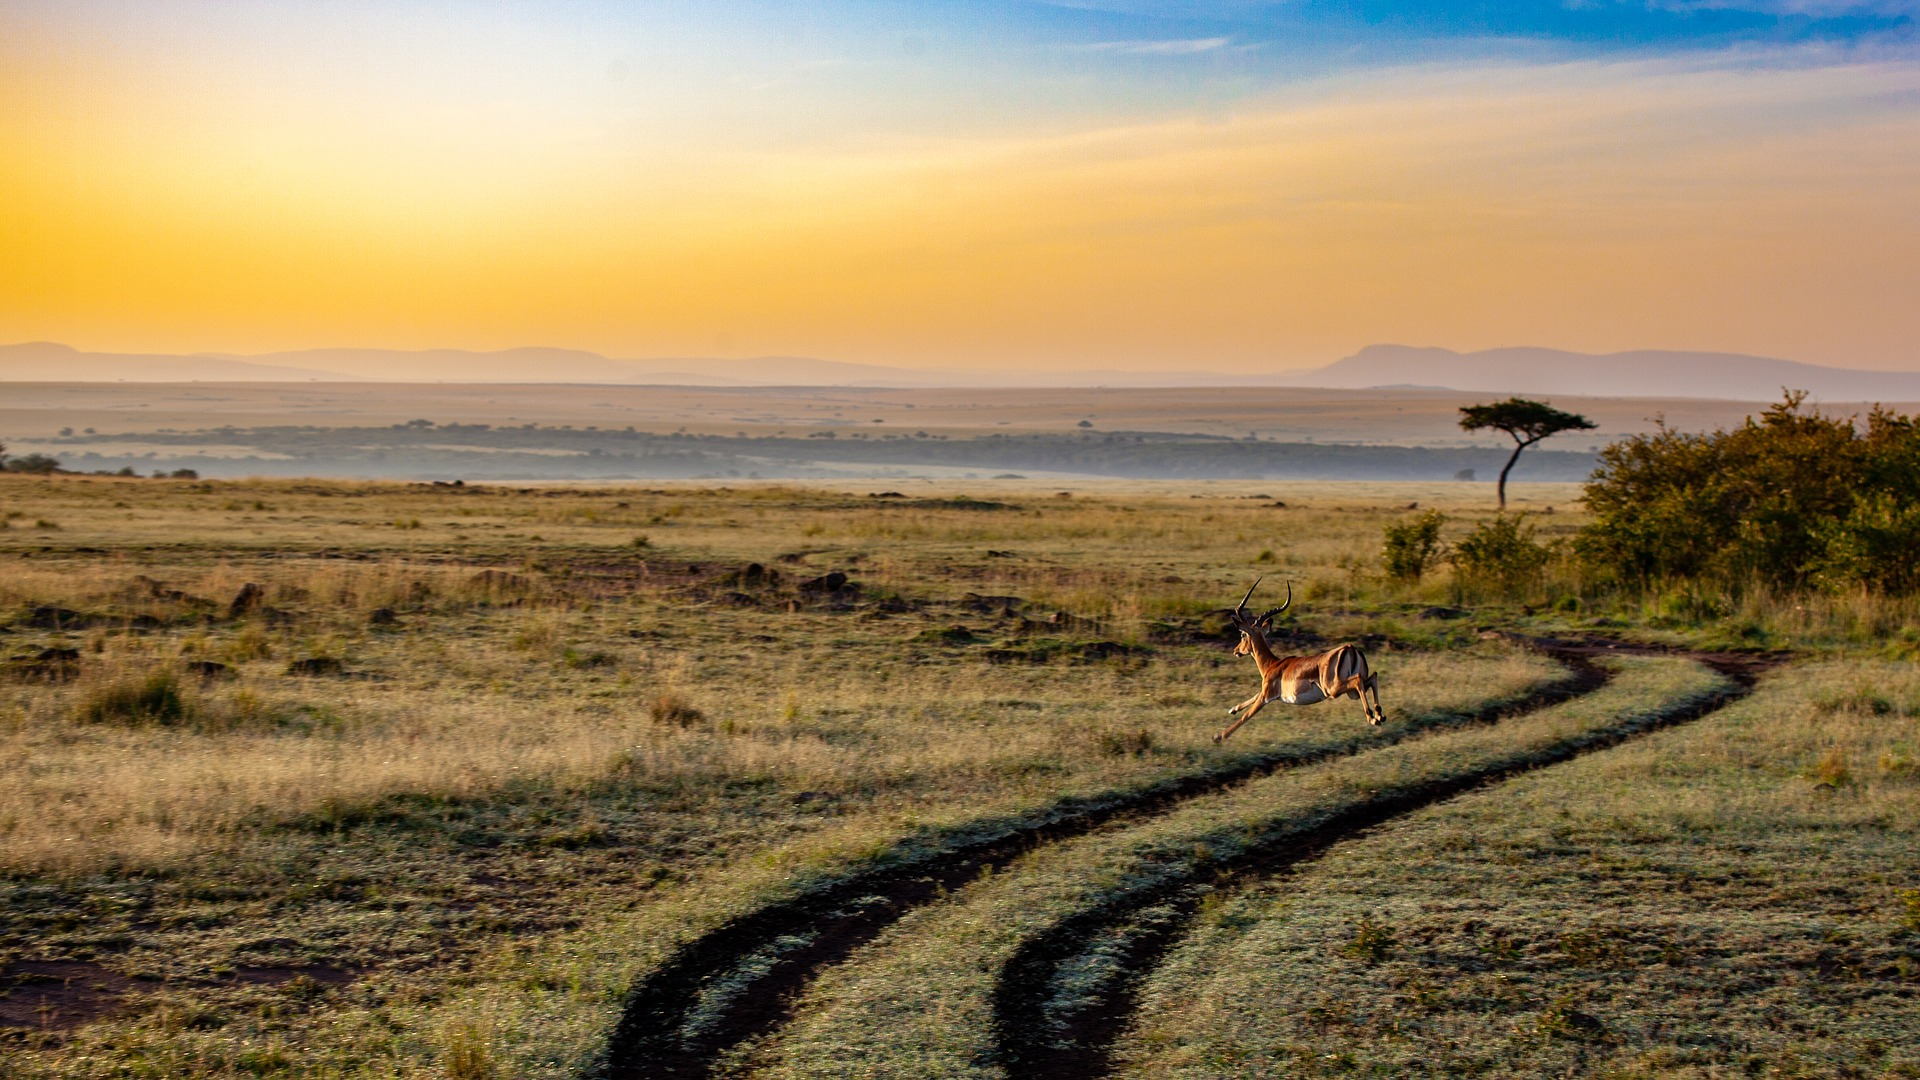 NP Amboseli